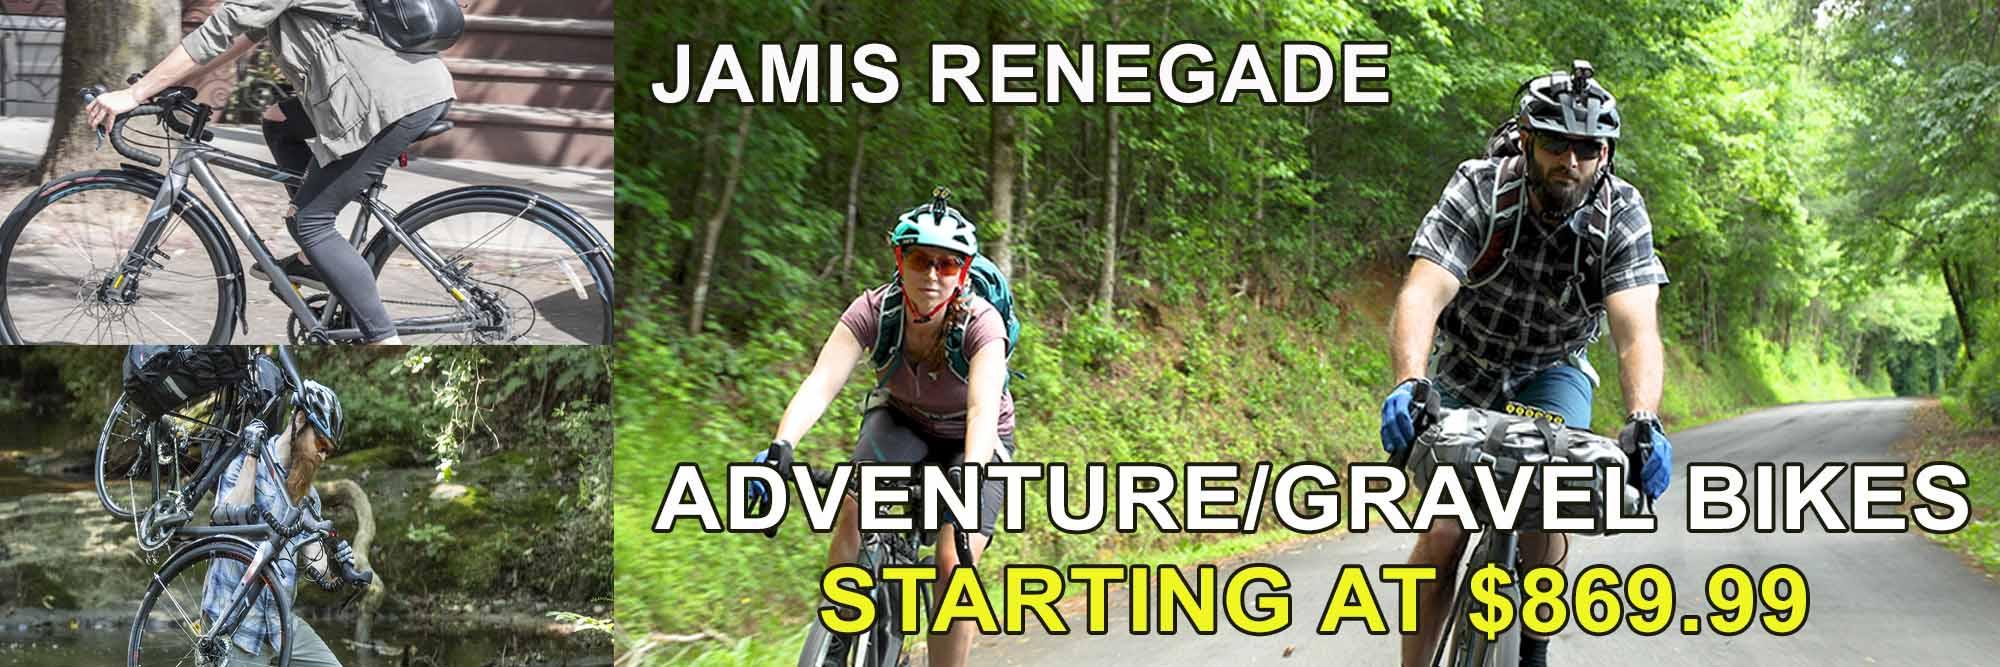 The Jamis Renegade